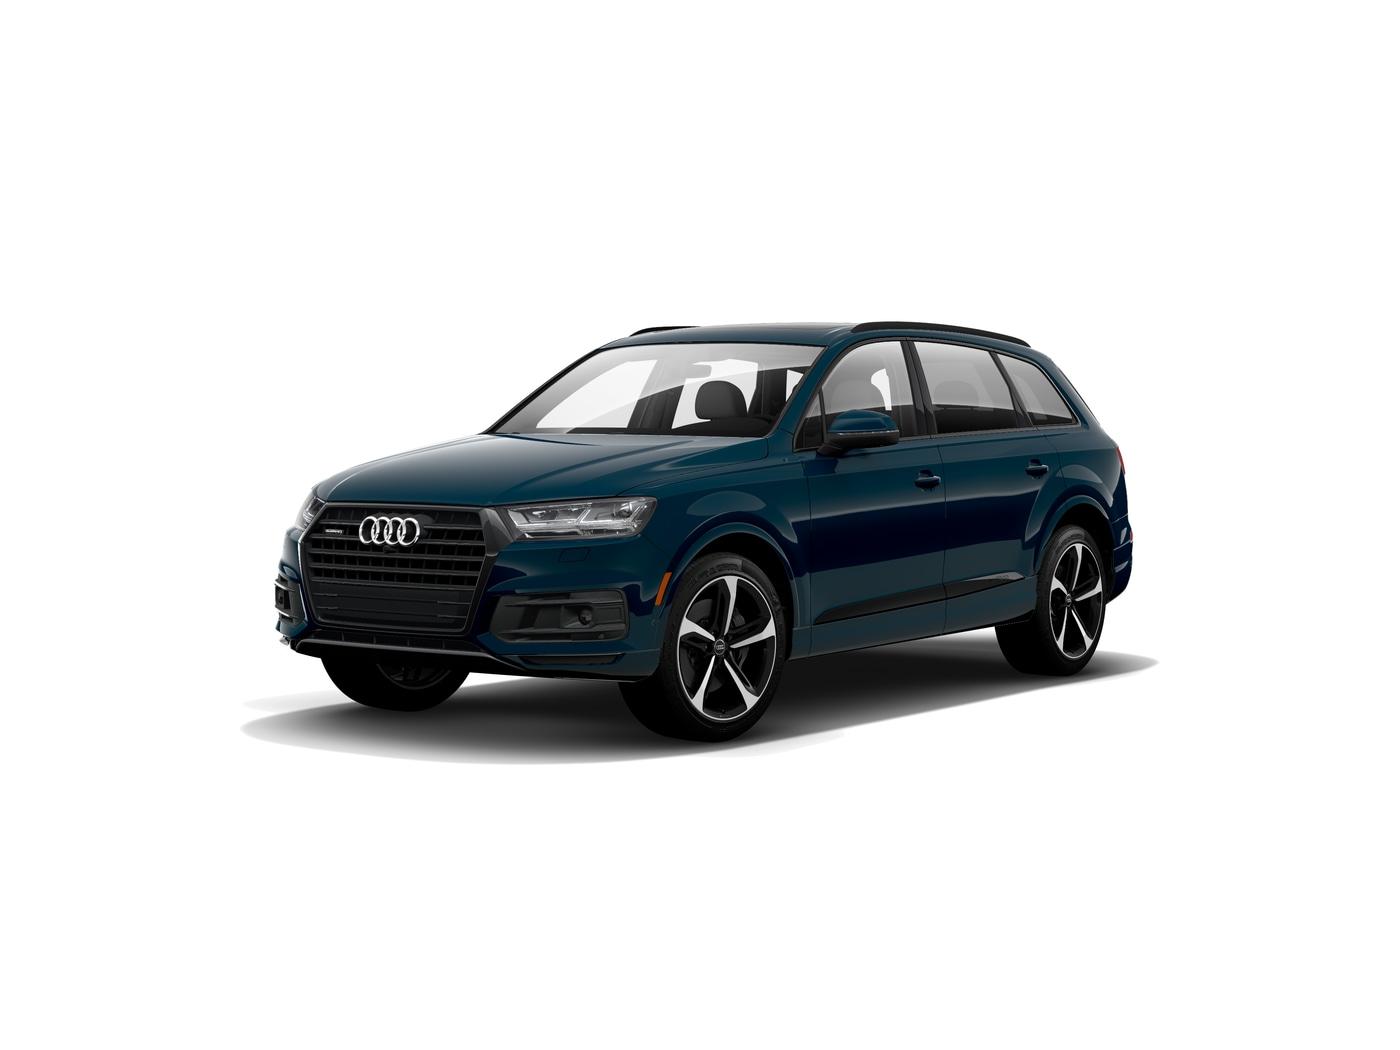 New 2019 Audi Q7 For Sale at Audi Shreveport | VIN